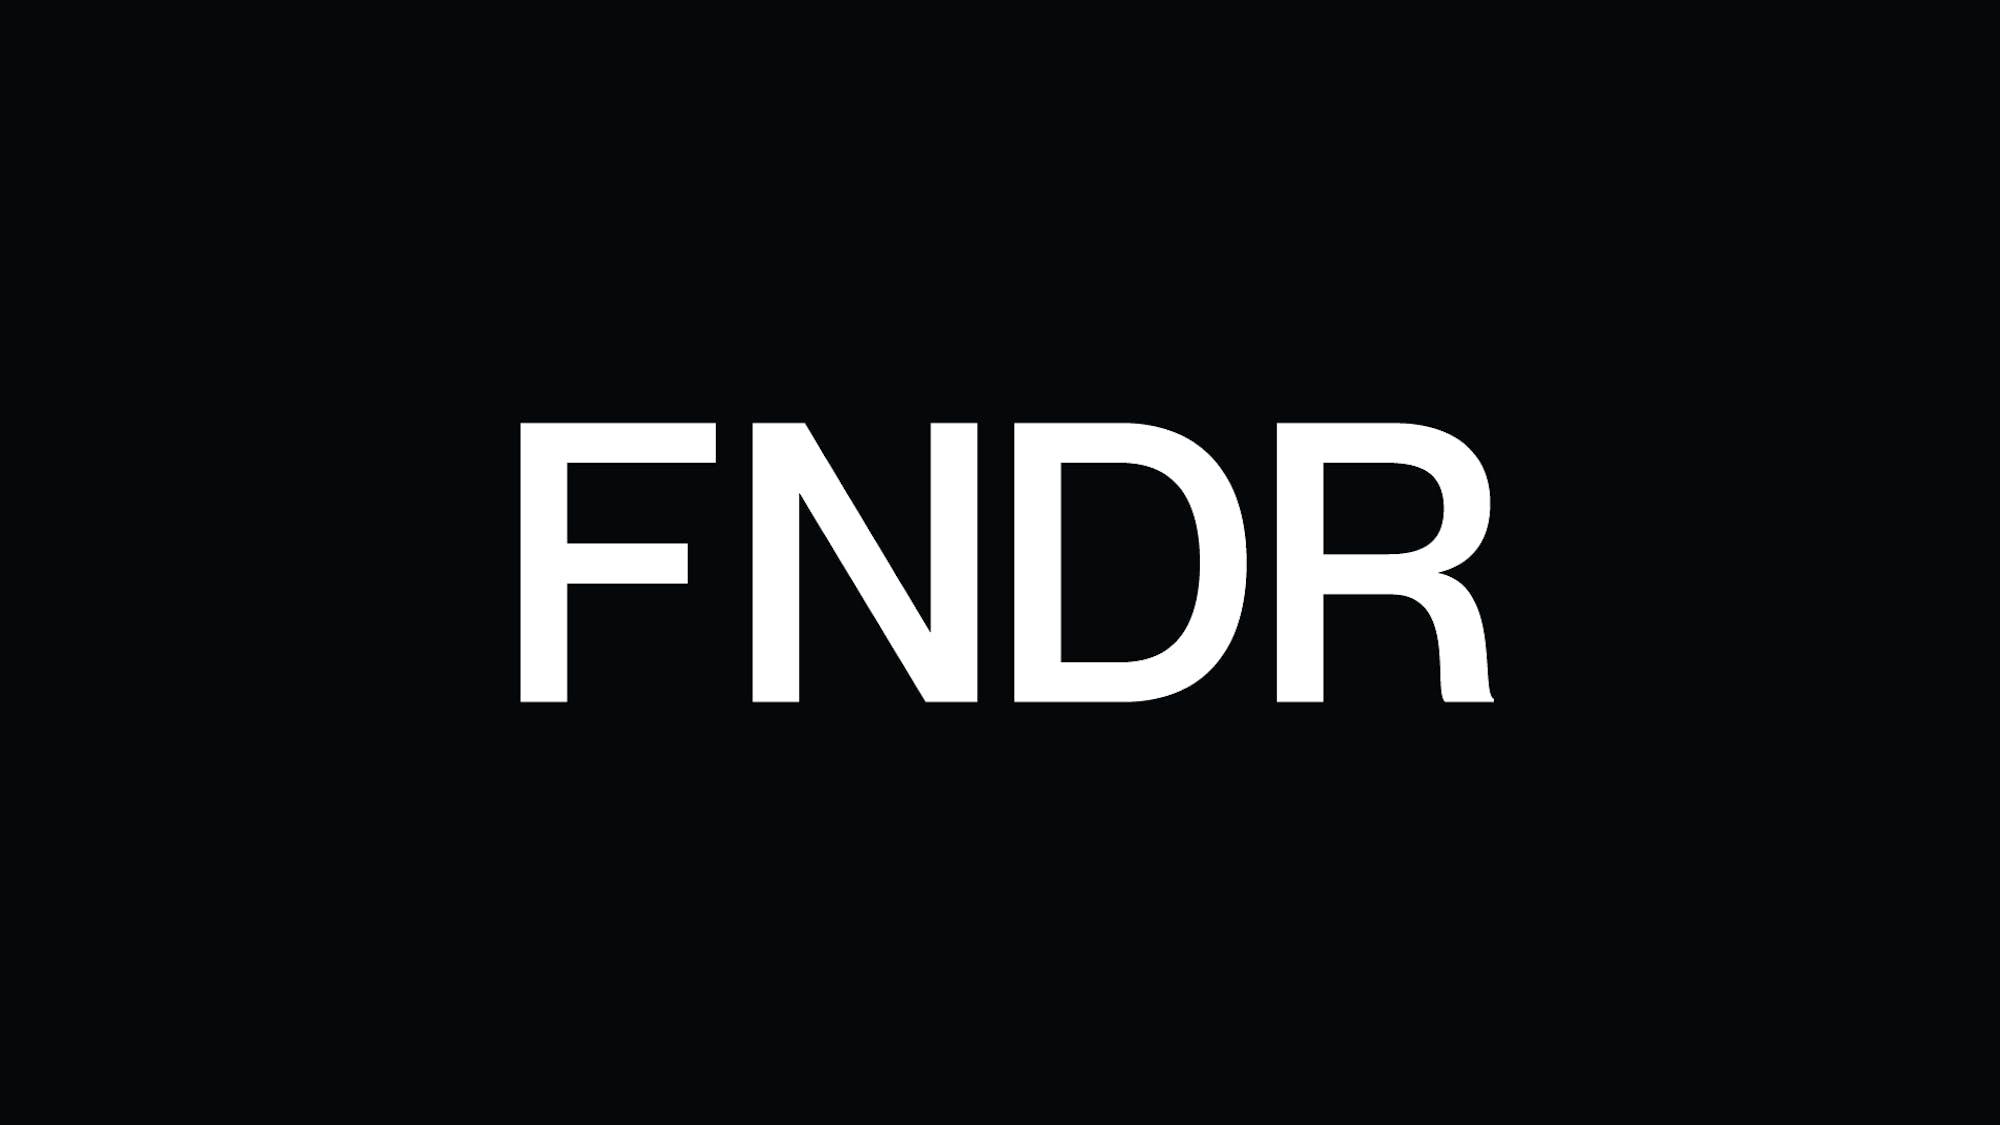 https://images.prismic.io/useallfive/1d3e69ce-448a-4487-bcdf-0e63952c3fe5_fndr-site-branding-logo-share-asset.png?auto=compress,format